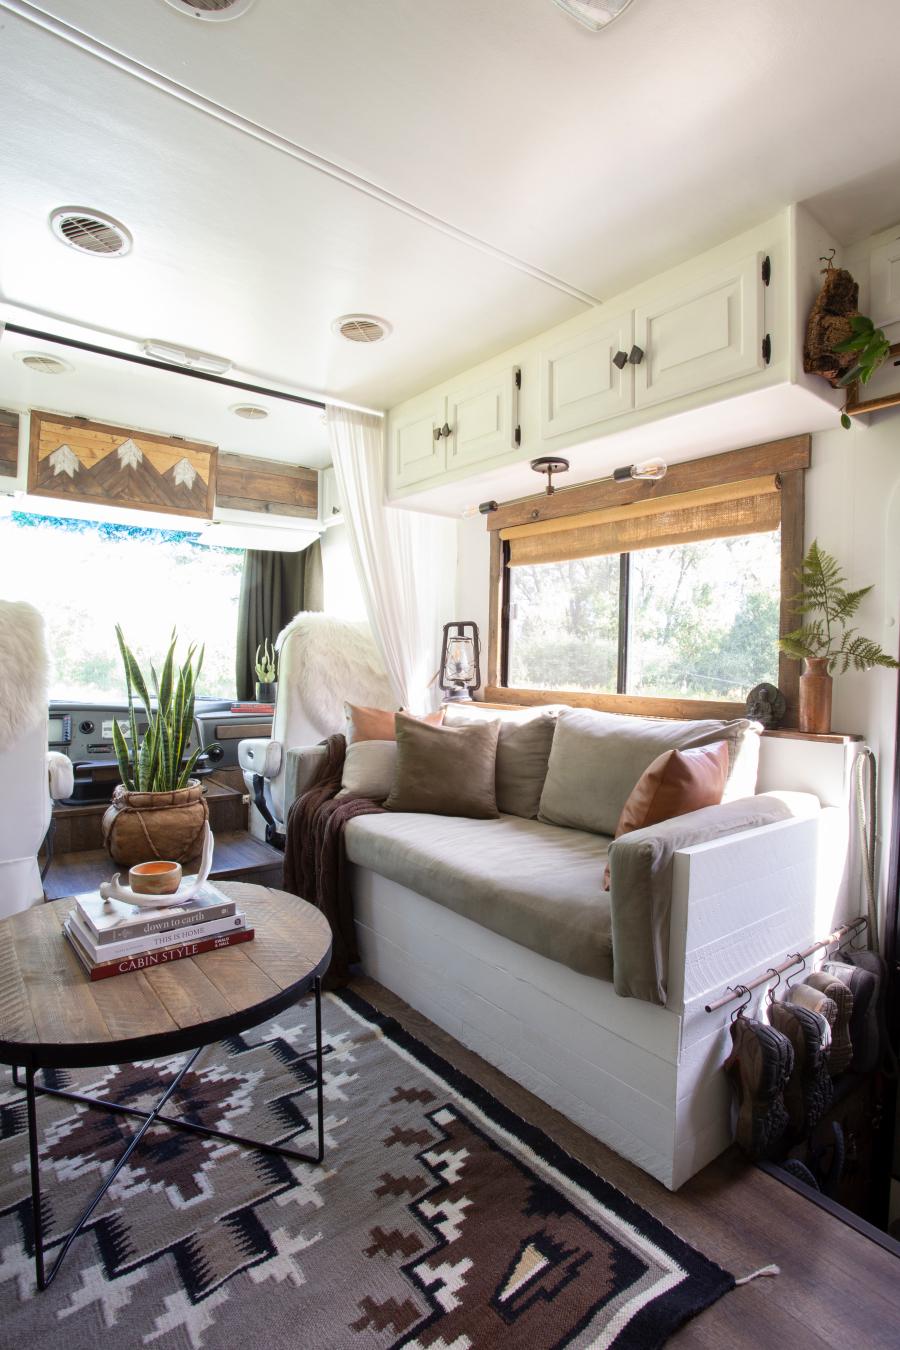 rustic camper interior